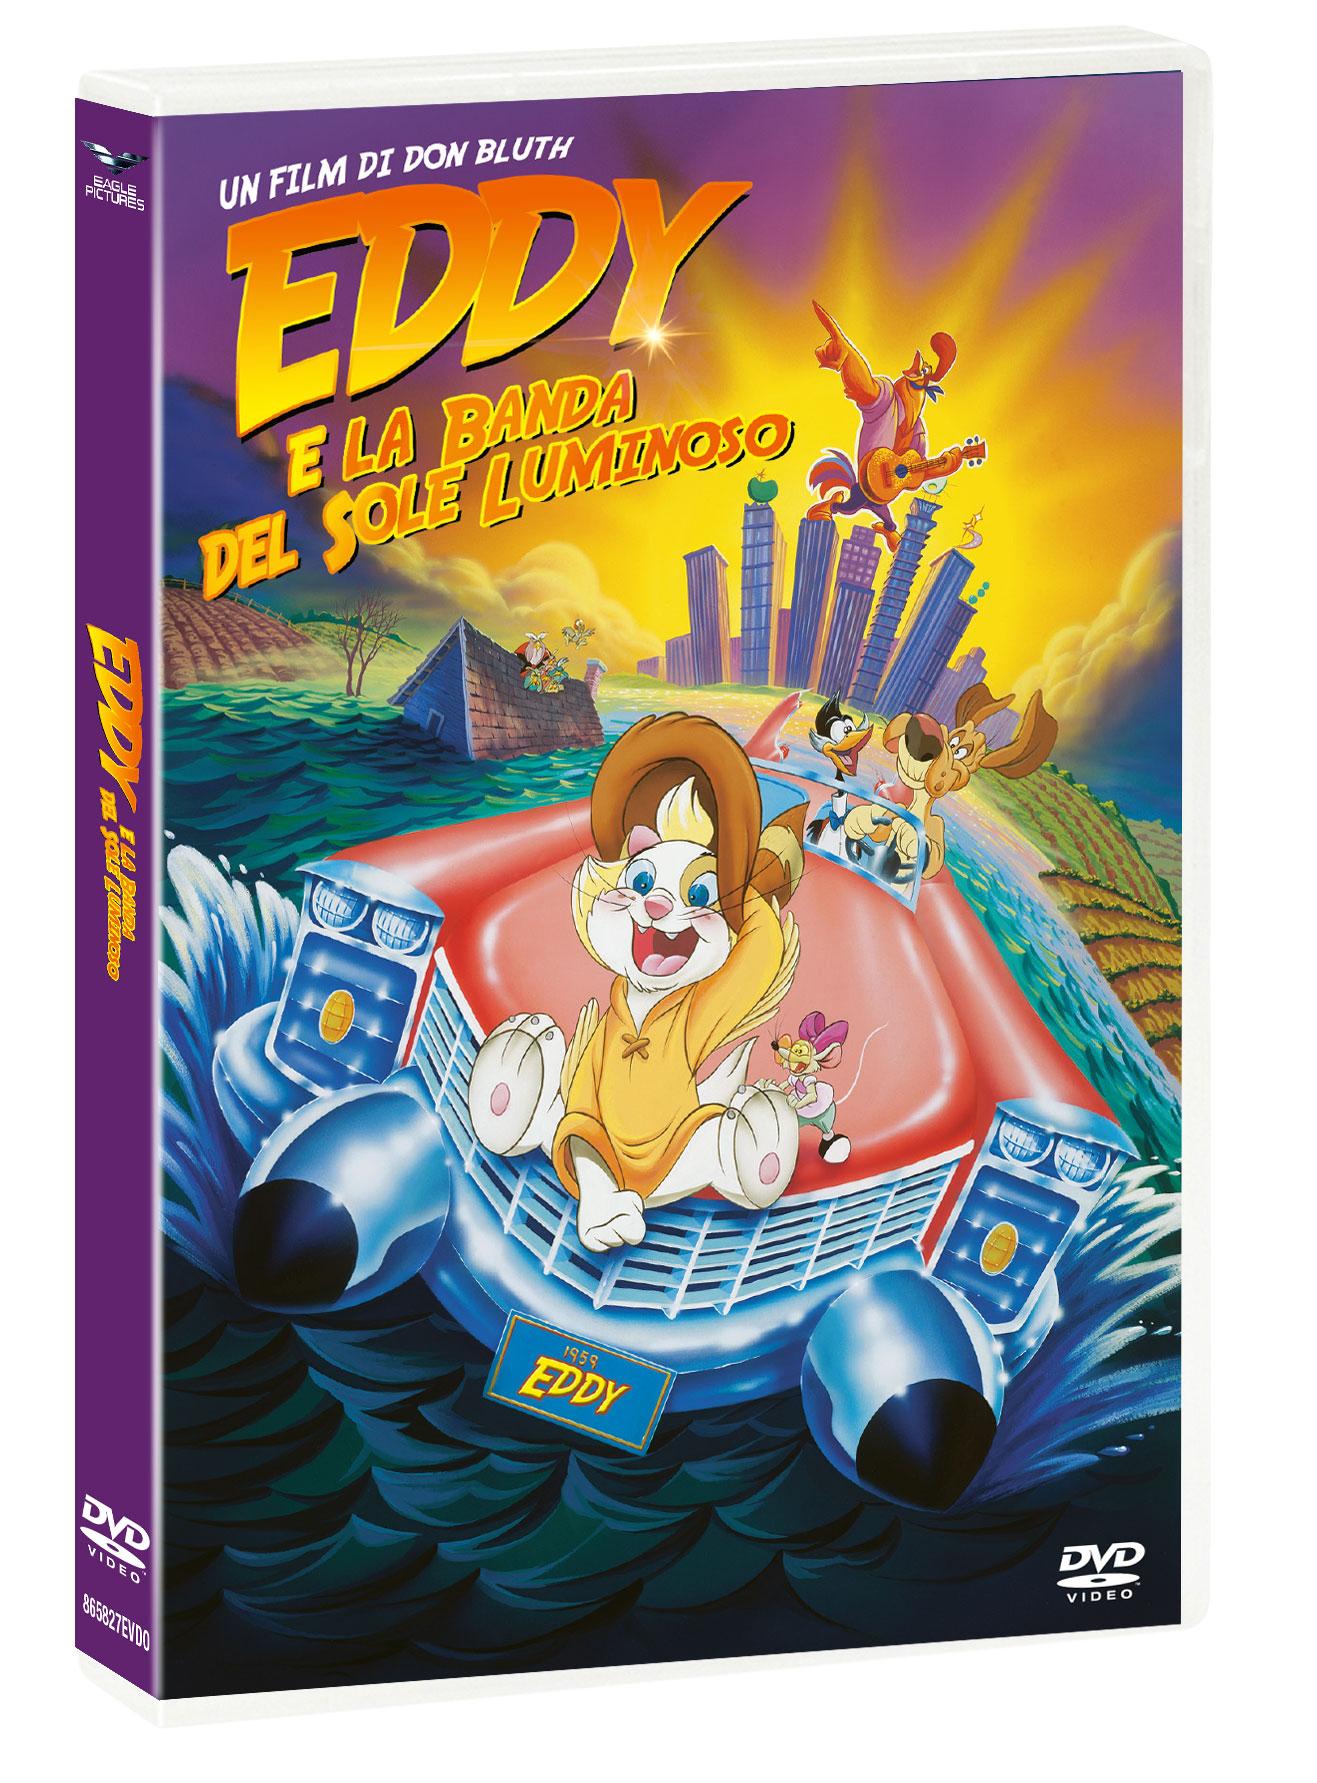 EDDY E LA BANDA DEL SOLE LUMINOSO (DVD)